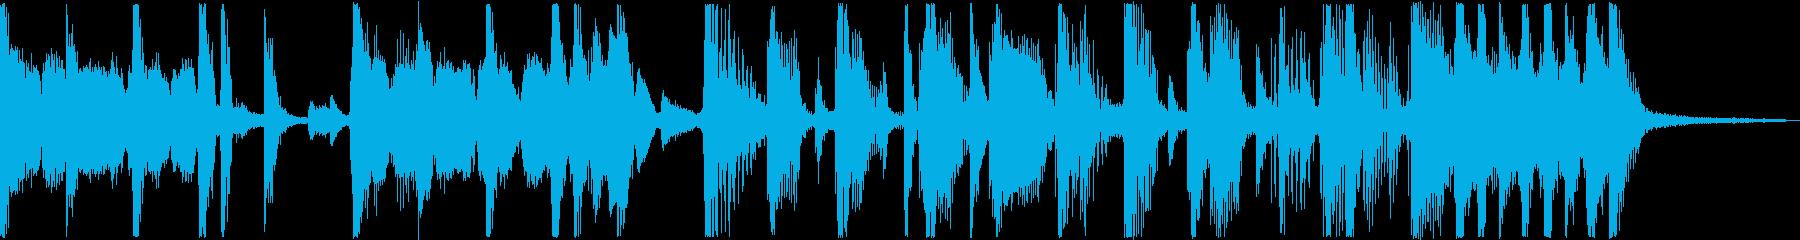 ファンキーなベースとギターのリフが...の再生済みの波形